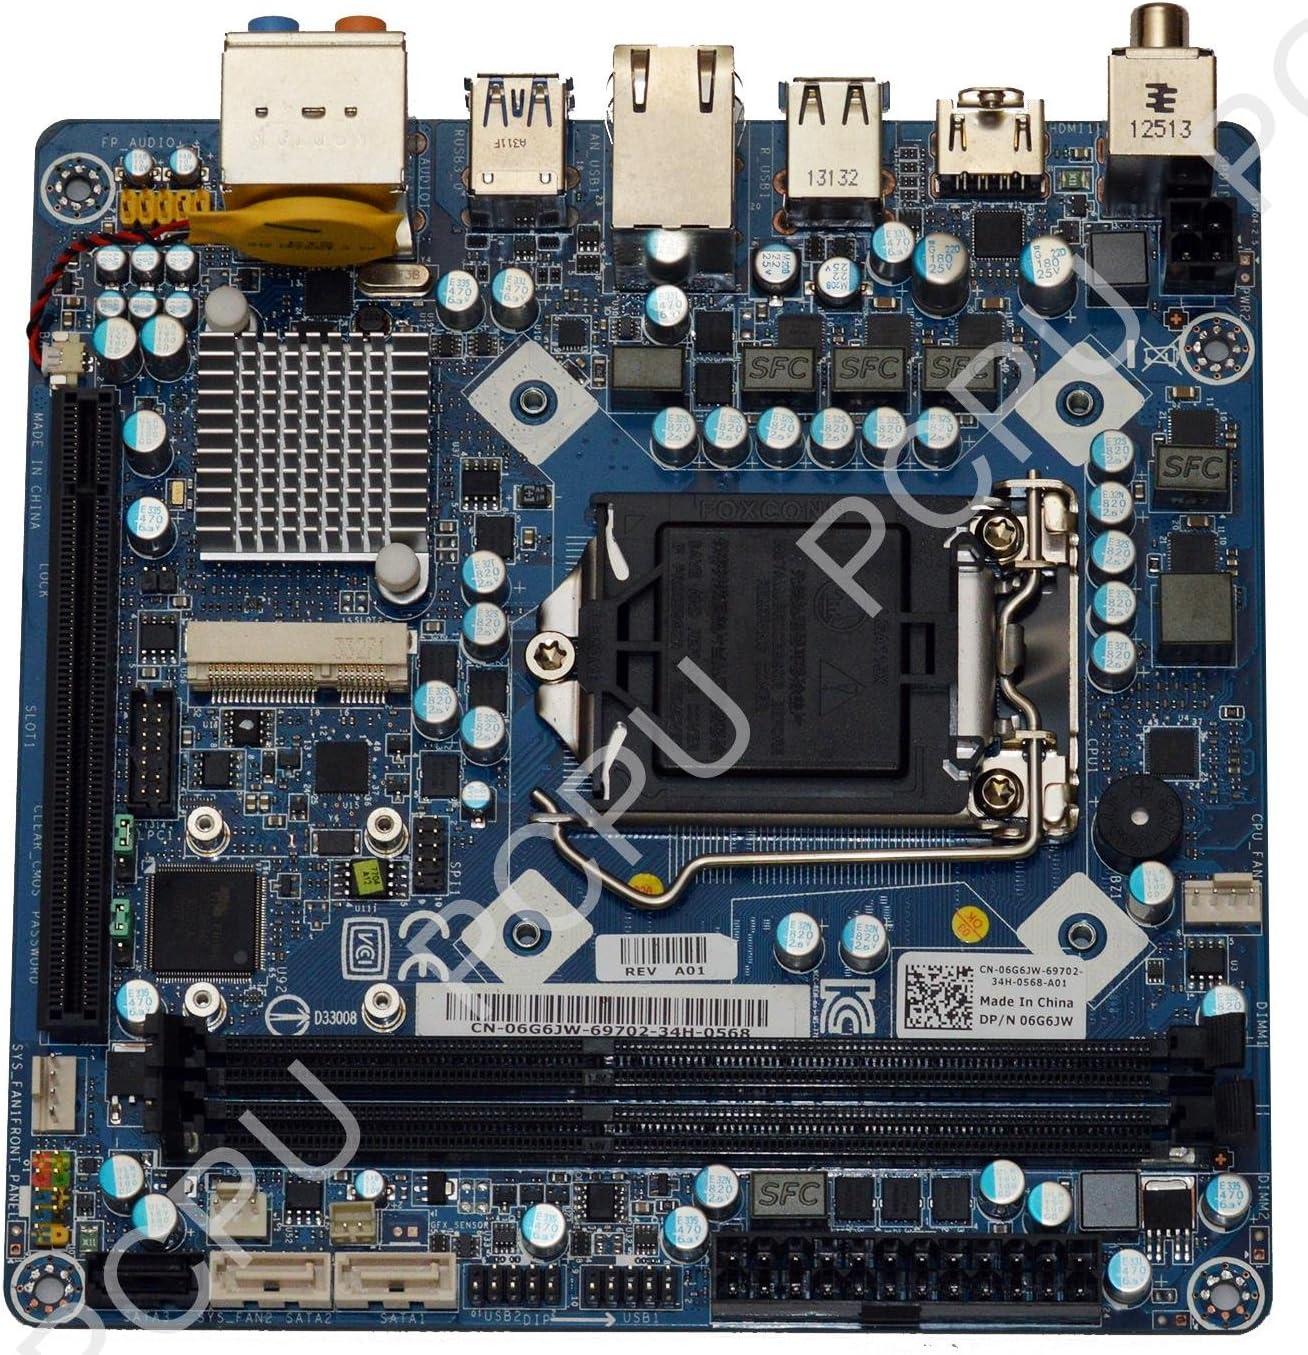 Dell Alienware X51 V2 Mini-ITX Intel CPU 115x Desktop Motherboard 6G6JW 06G6JW